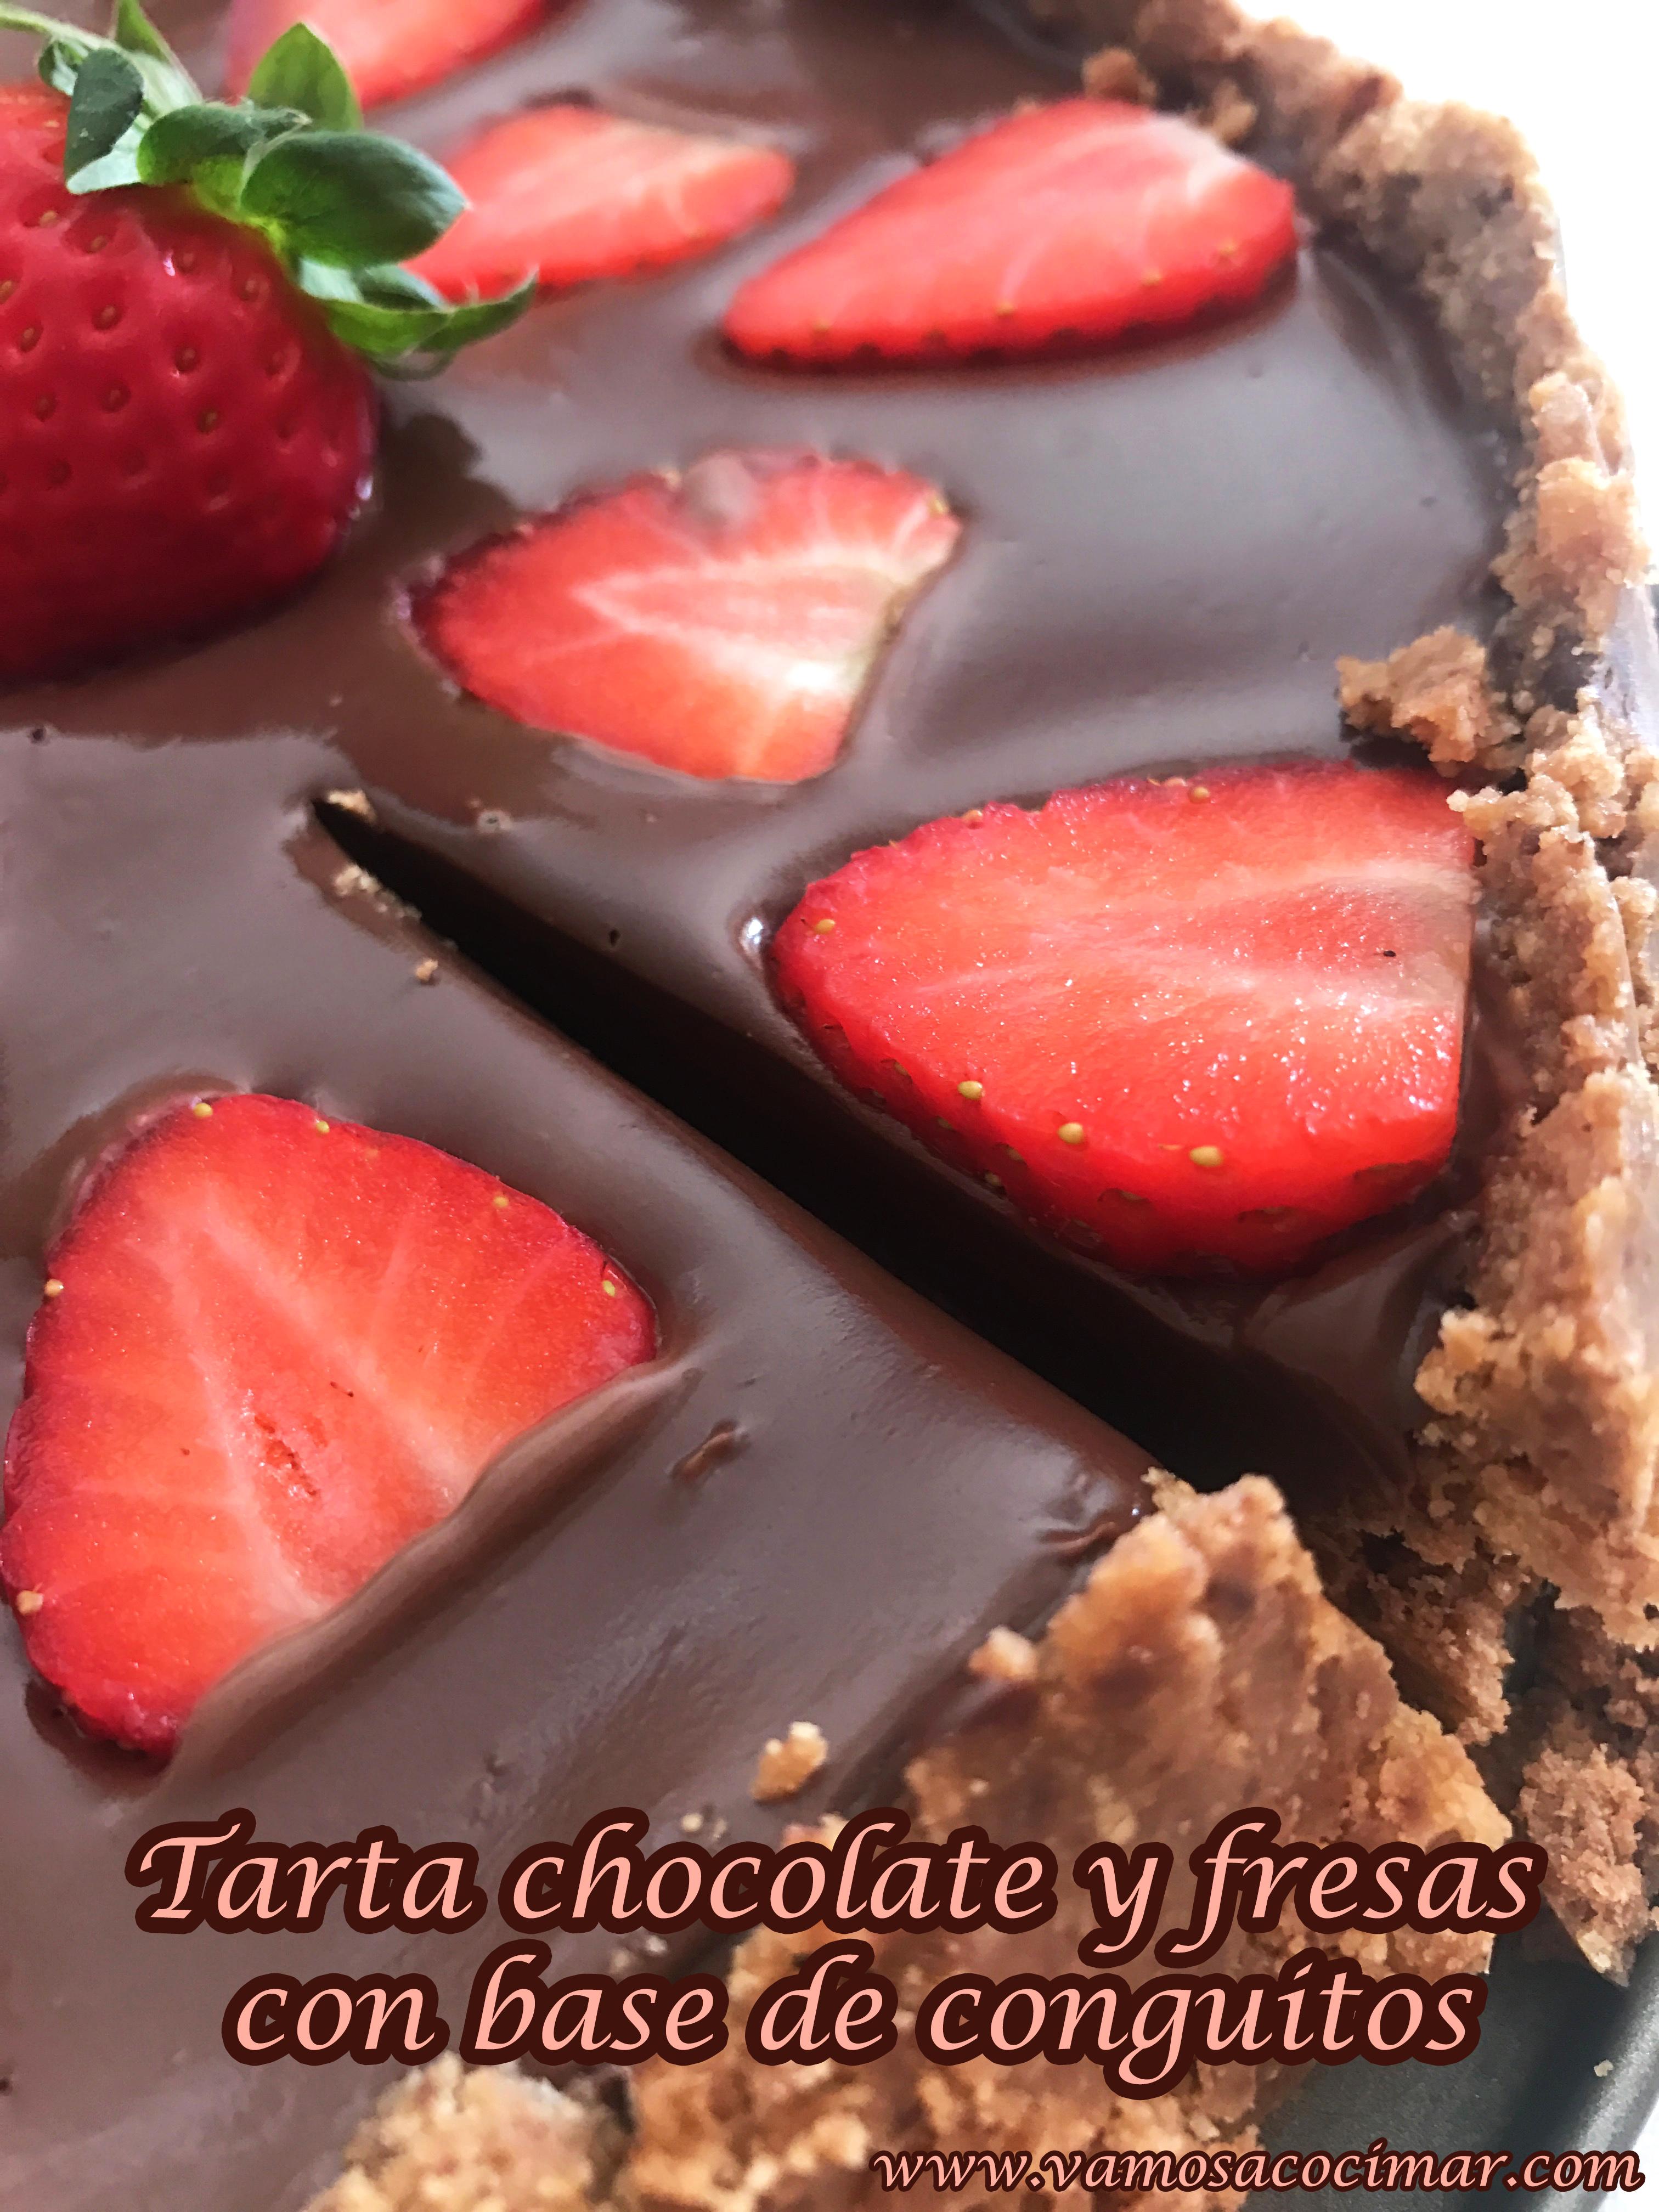 tarta chocolate y fresa